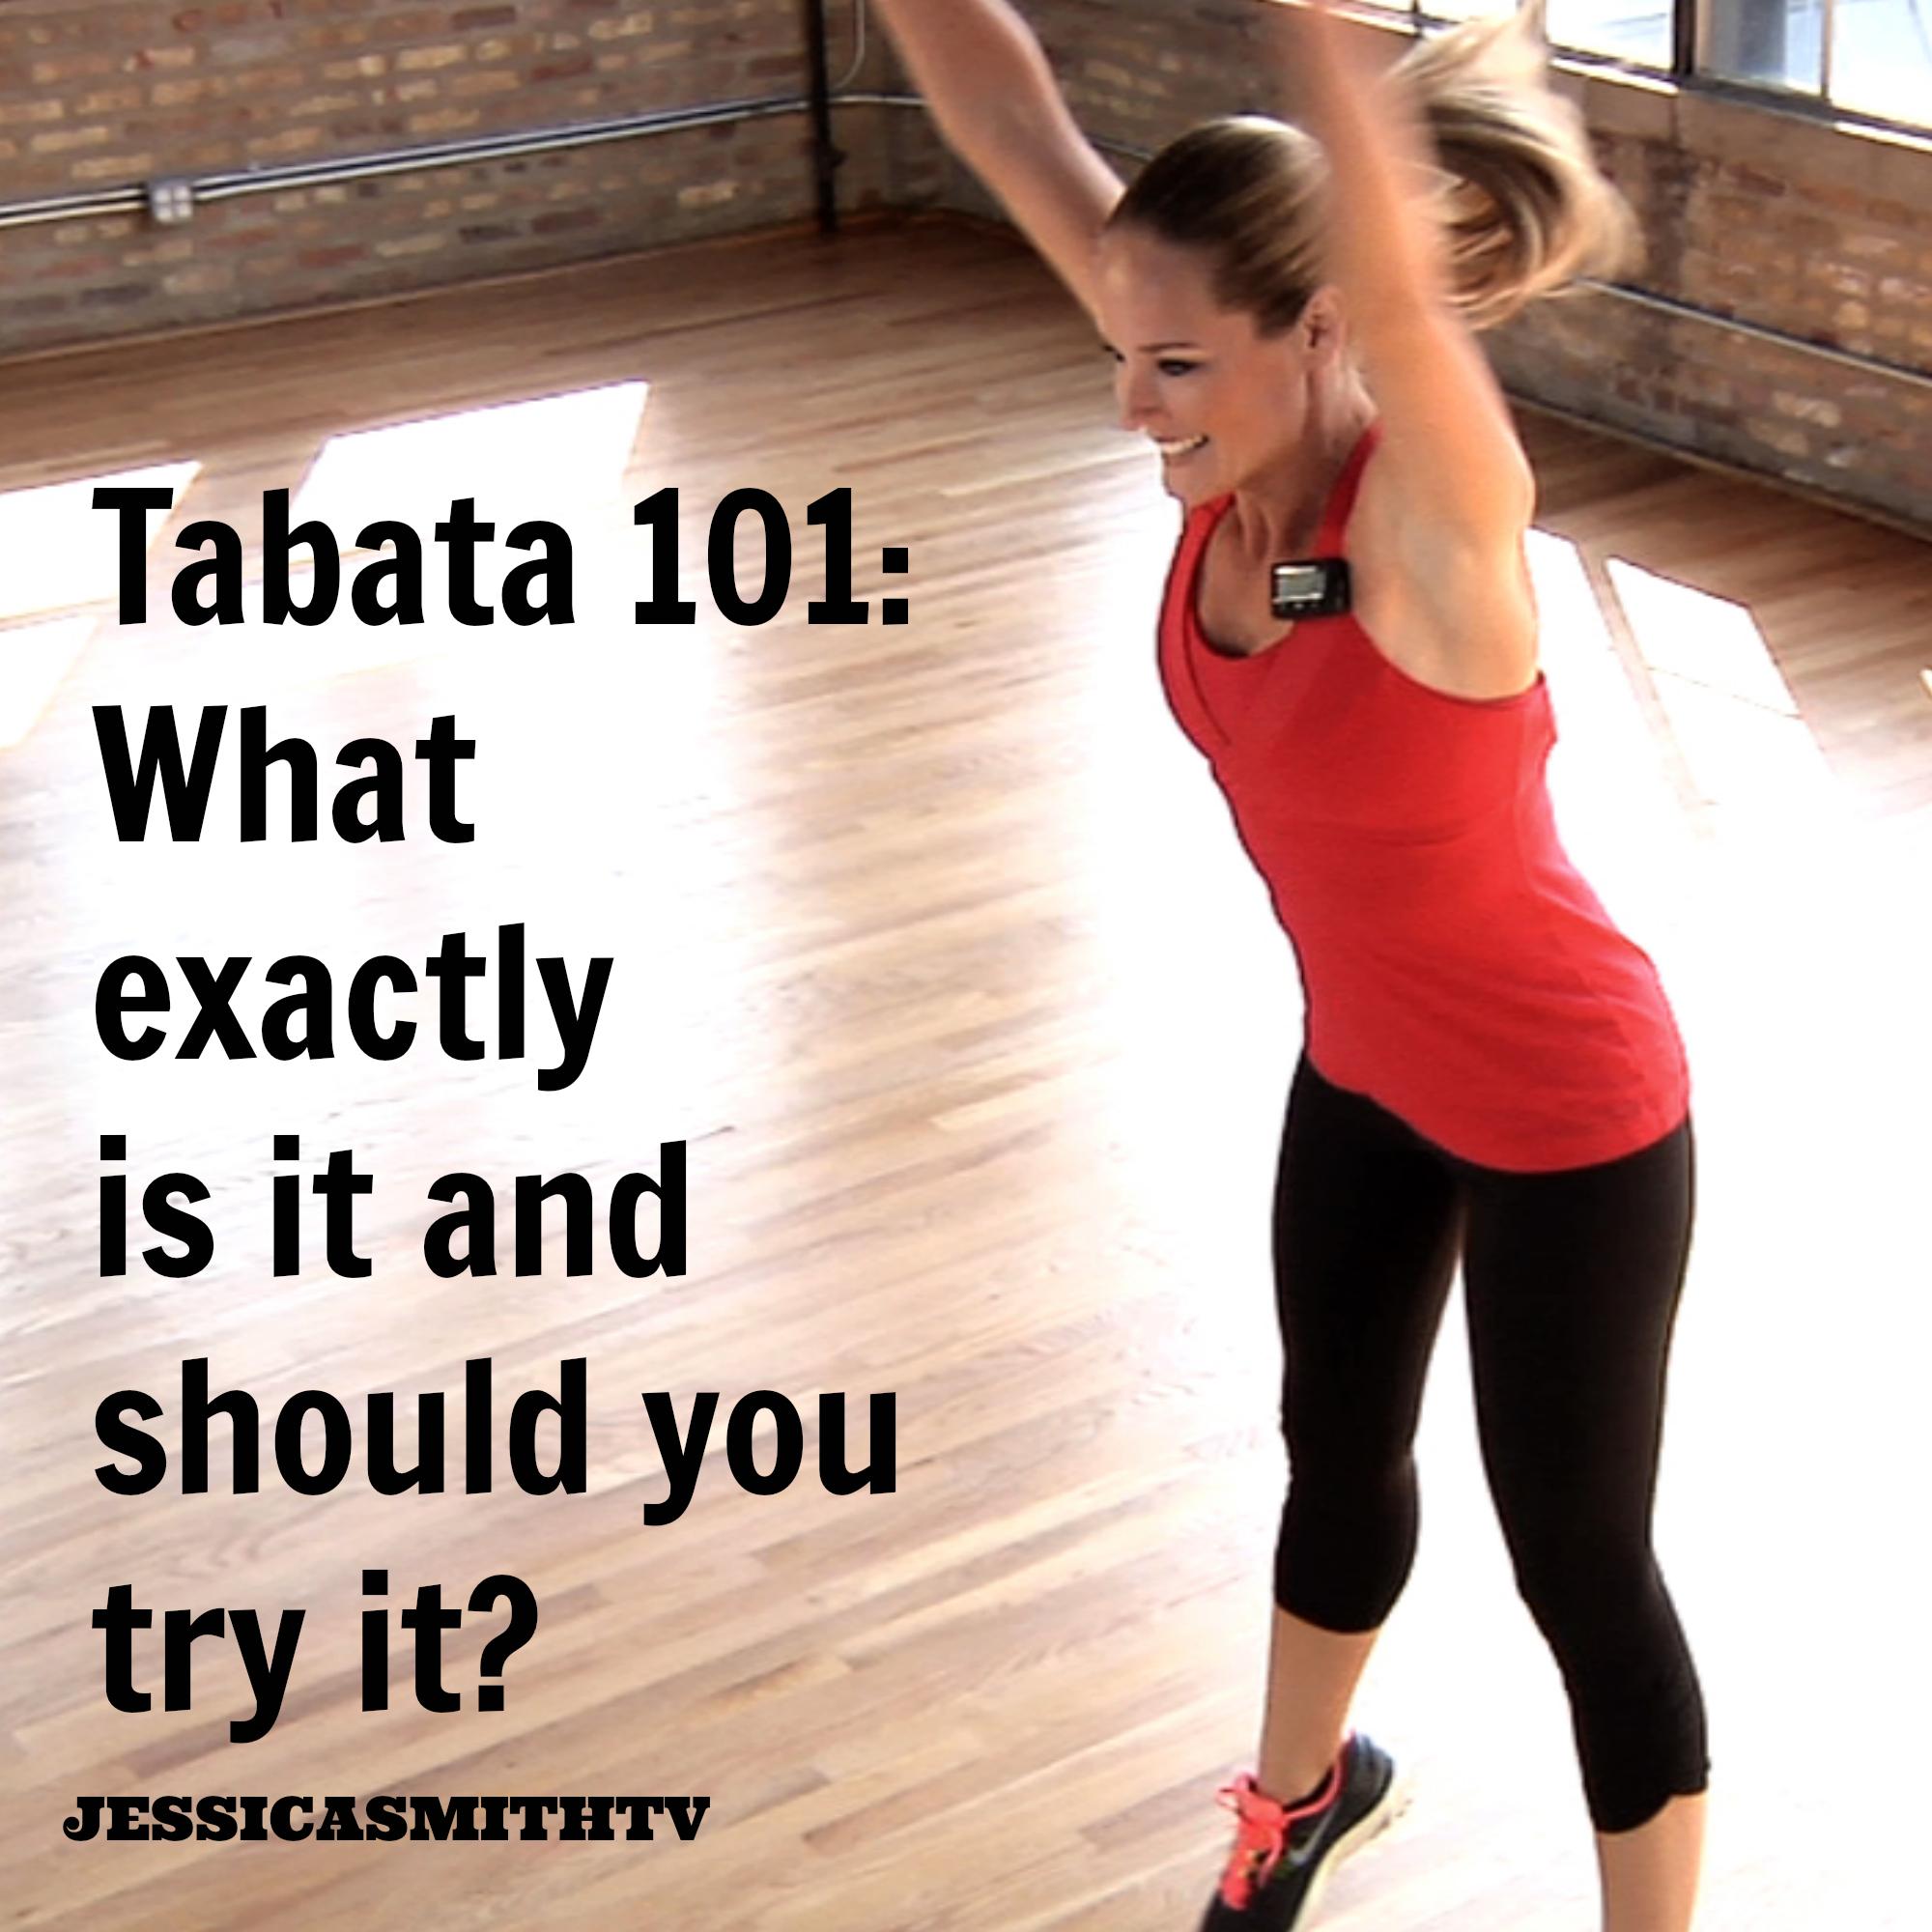 reduce fat near shoulders